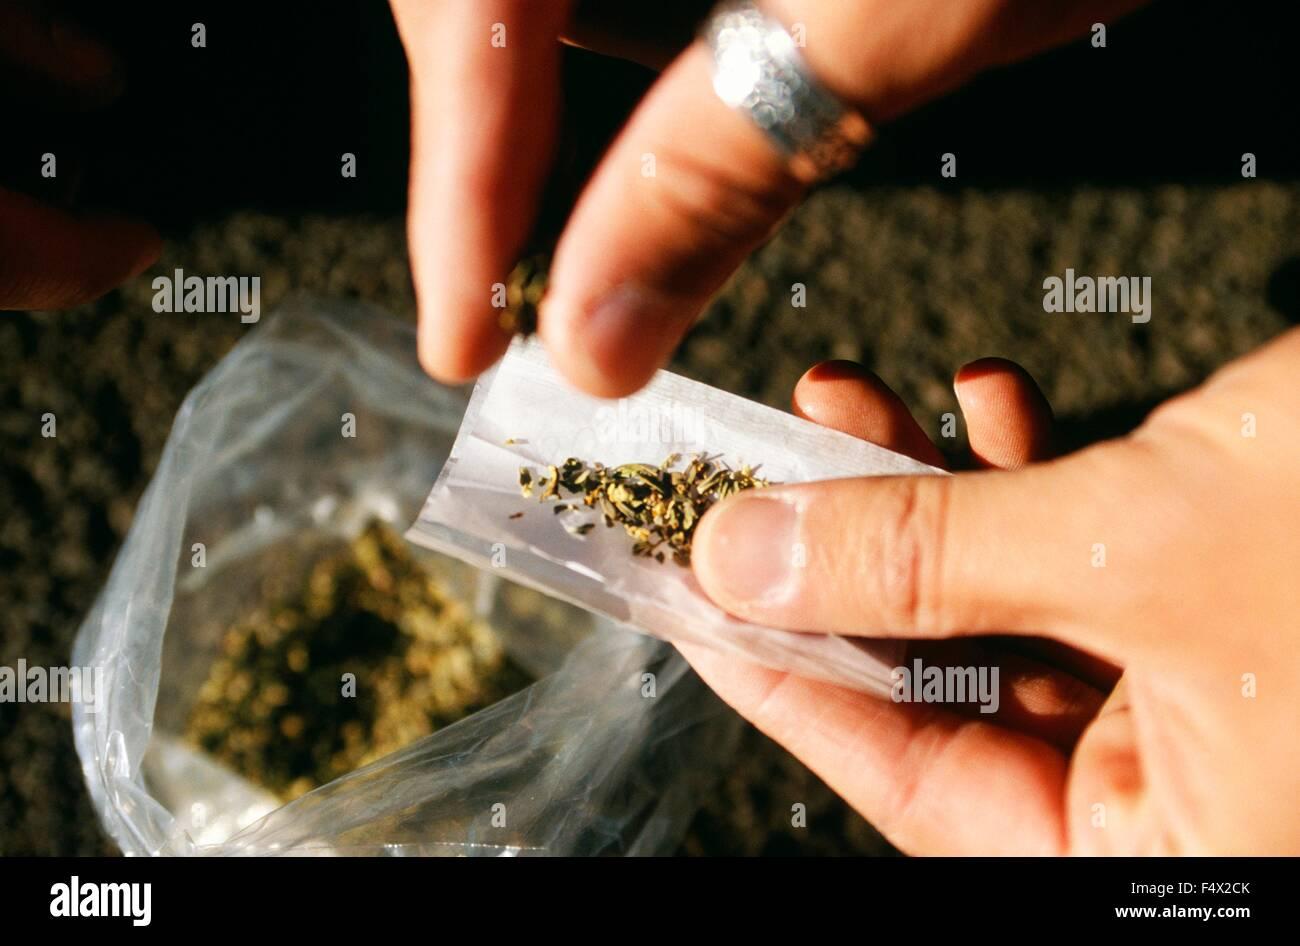 Le toxicomane sort un ci à l'aide d'un cannabinoïde synthétique appelé l'utilisation d'épices pour vaporiser sur la marijuana afin d'accroître son effet psychotrope, 22 octobre 2015 à Arlington, en Virginie. Banque D'Images